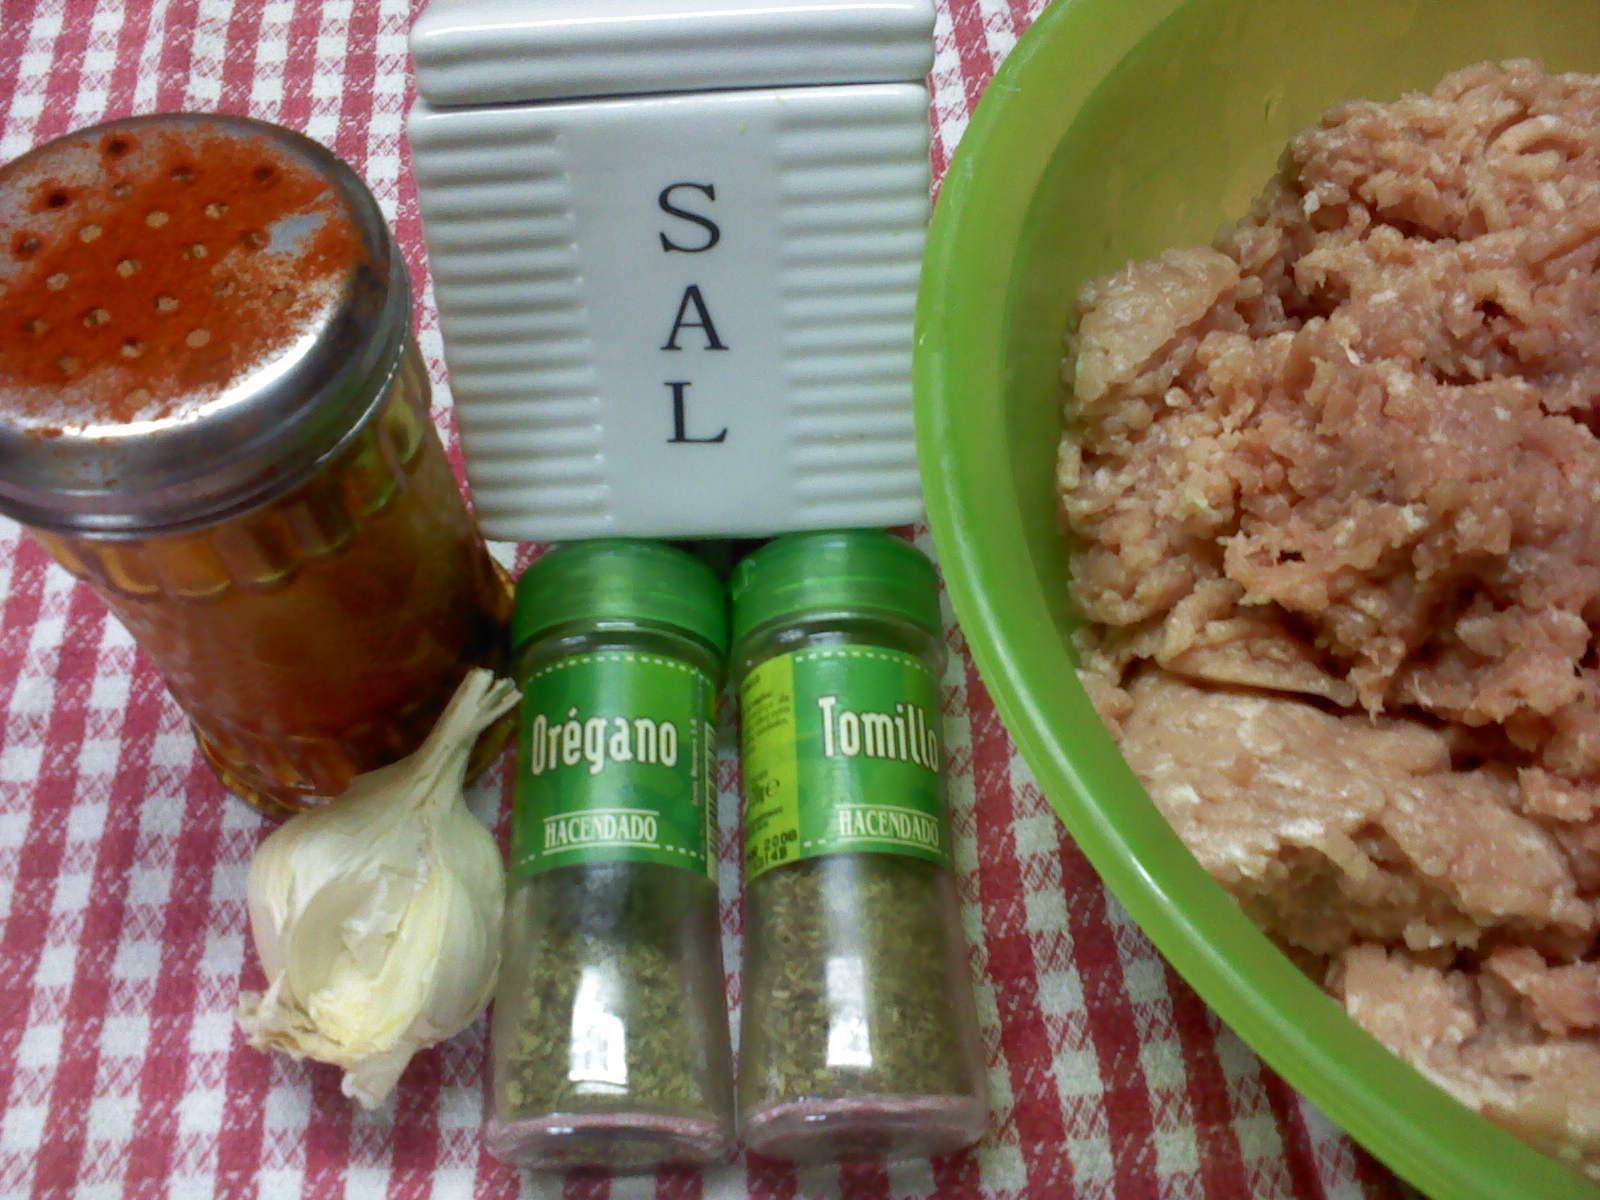 Hacer una barbacoa casera cmo hacer salsa barbacoa casera - Hacer barbacoa casera ...